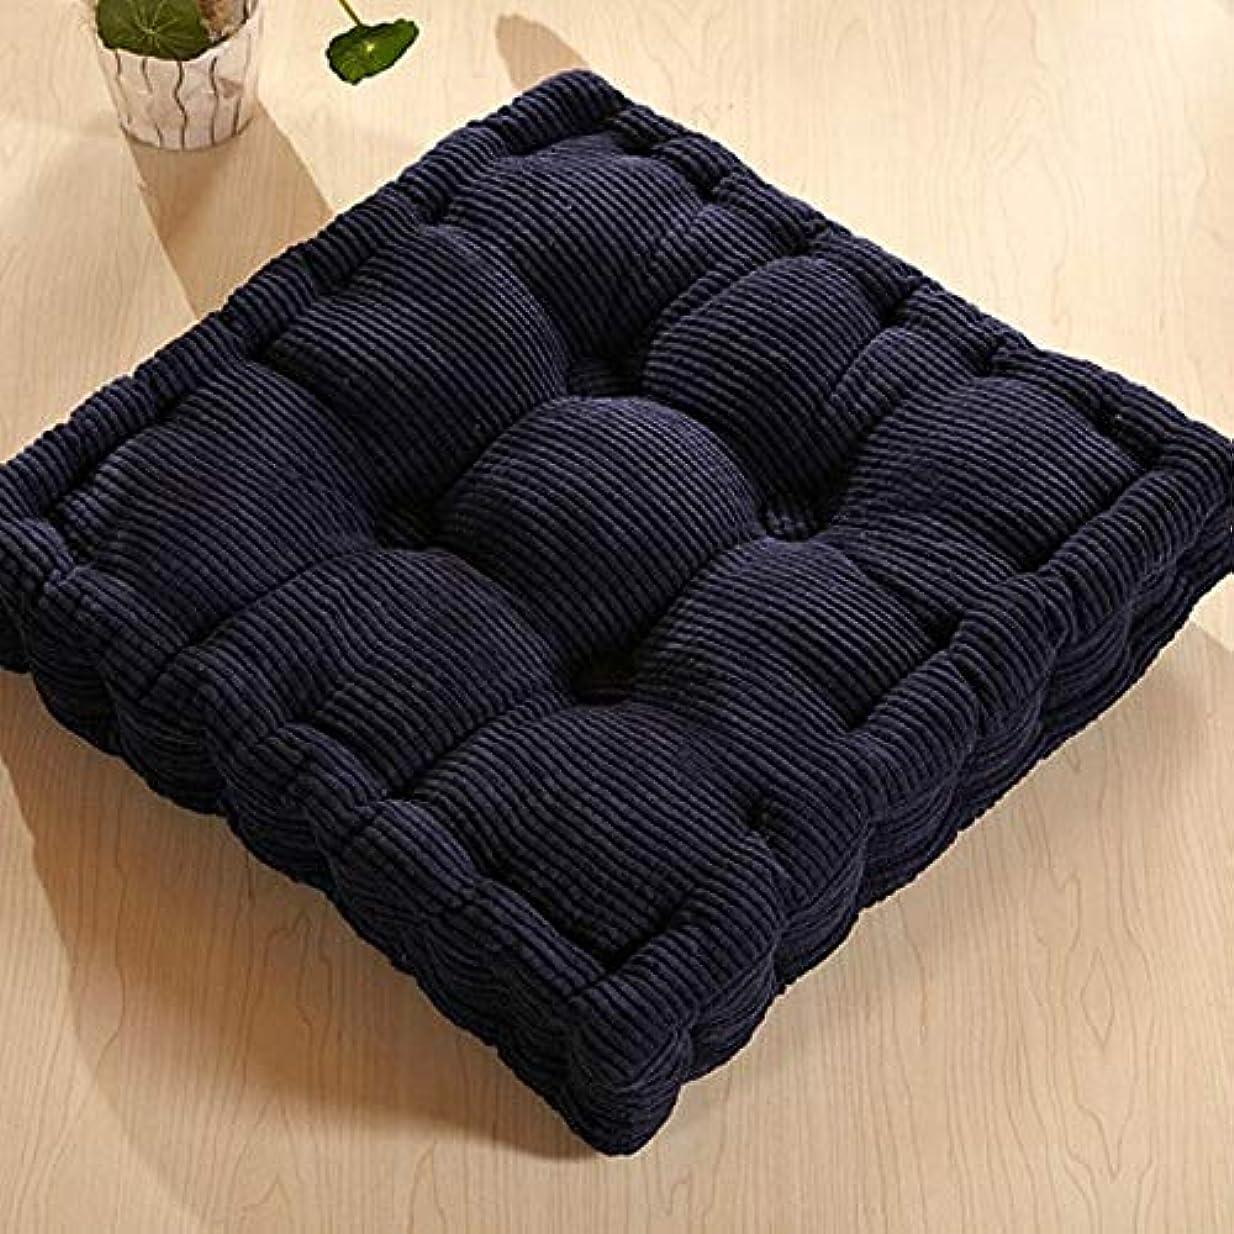 啓示繁栄するブルLIFE 肥厚トウモロコシの穂軸畳クッションオフィスチェアクッションソファクッション生地チェアクッションカーシートクッション クッション 椅子